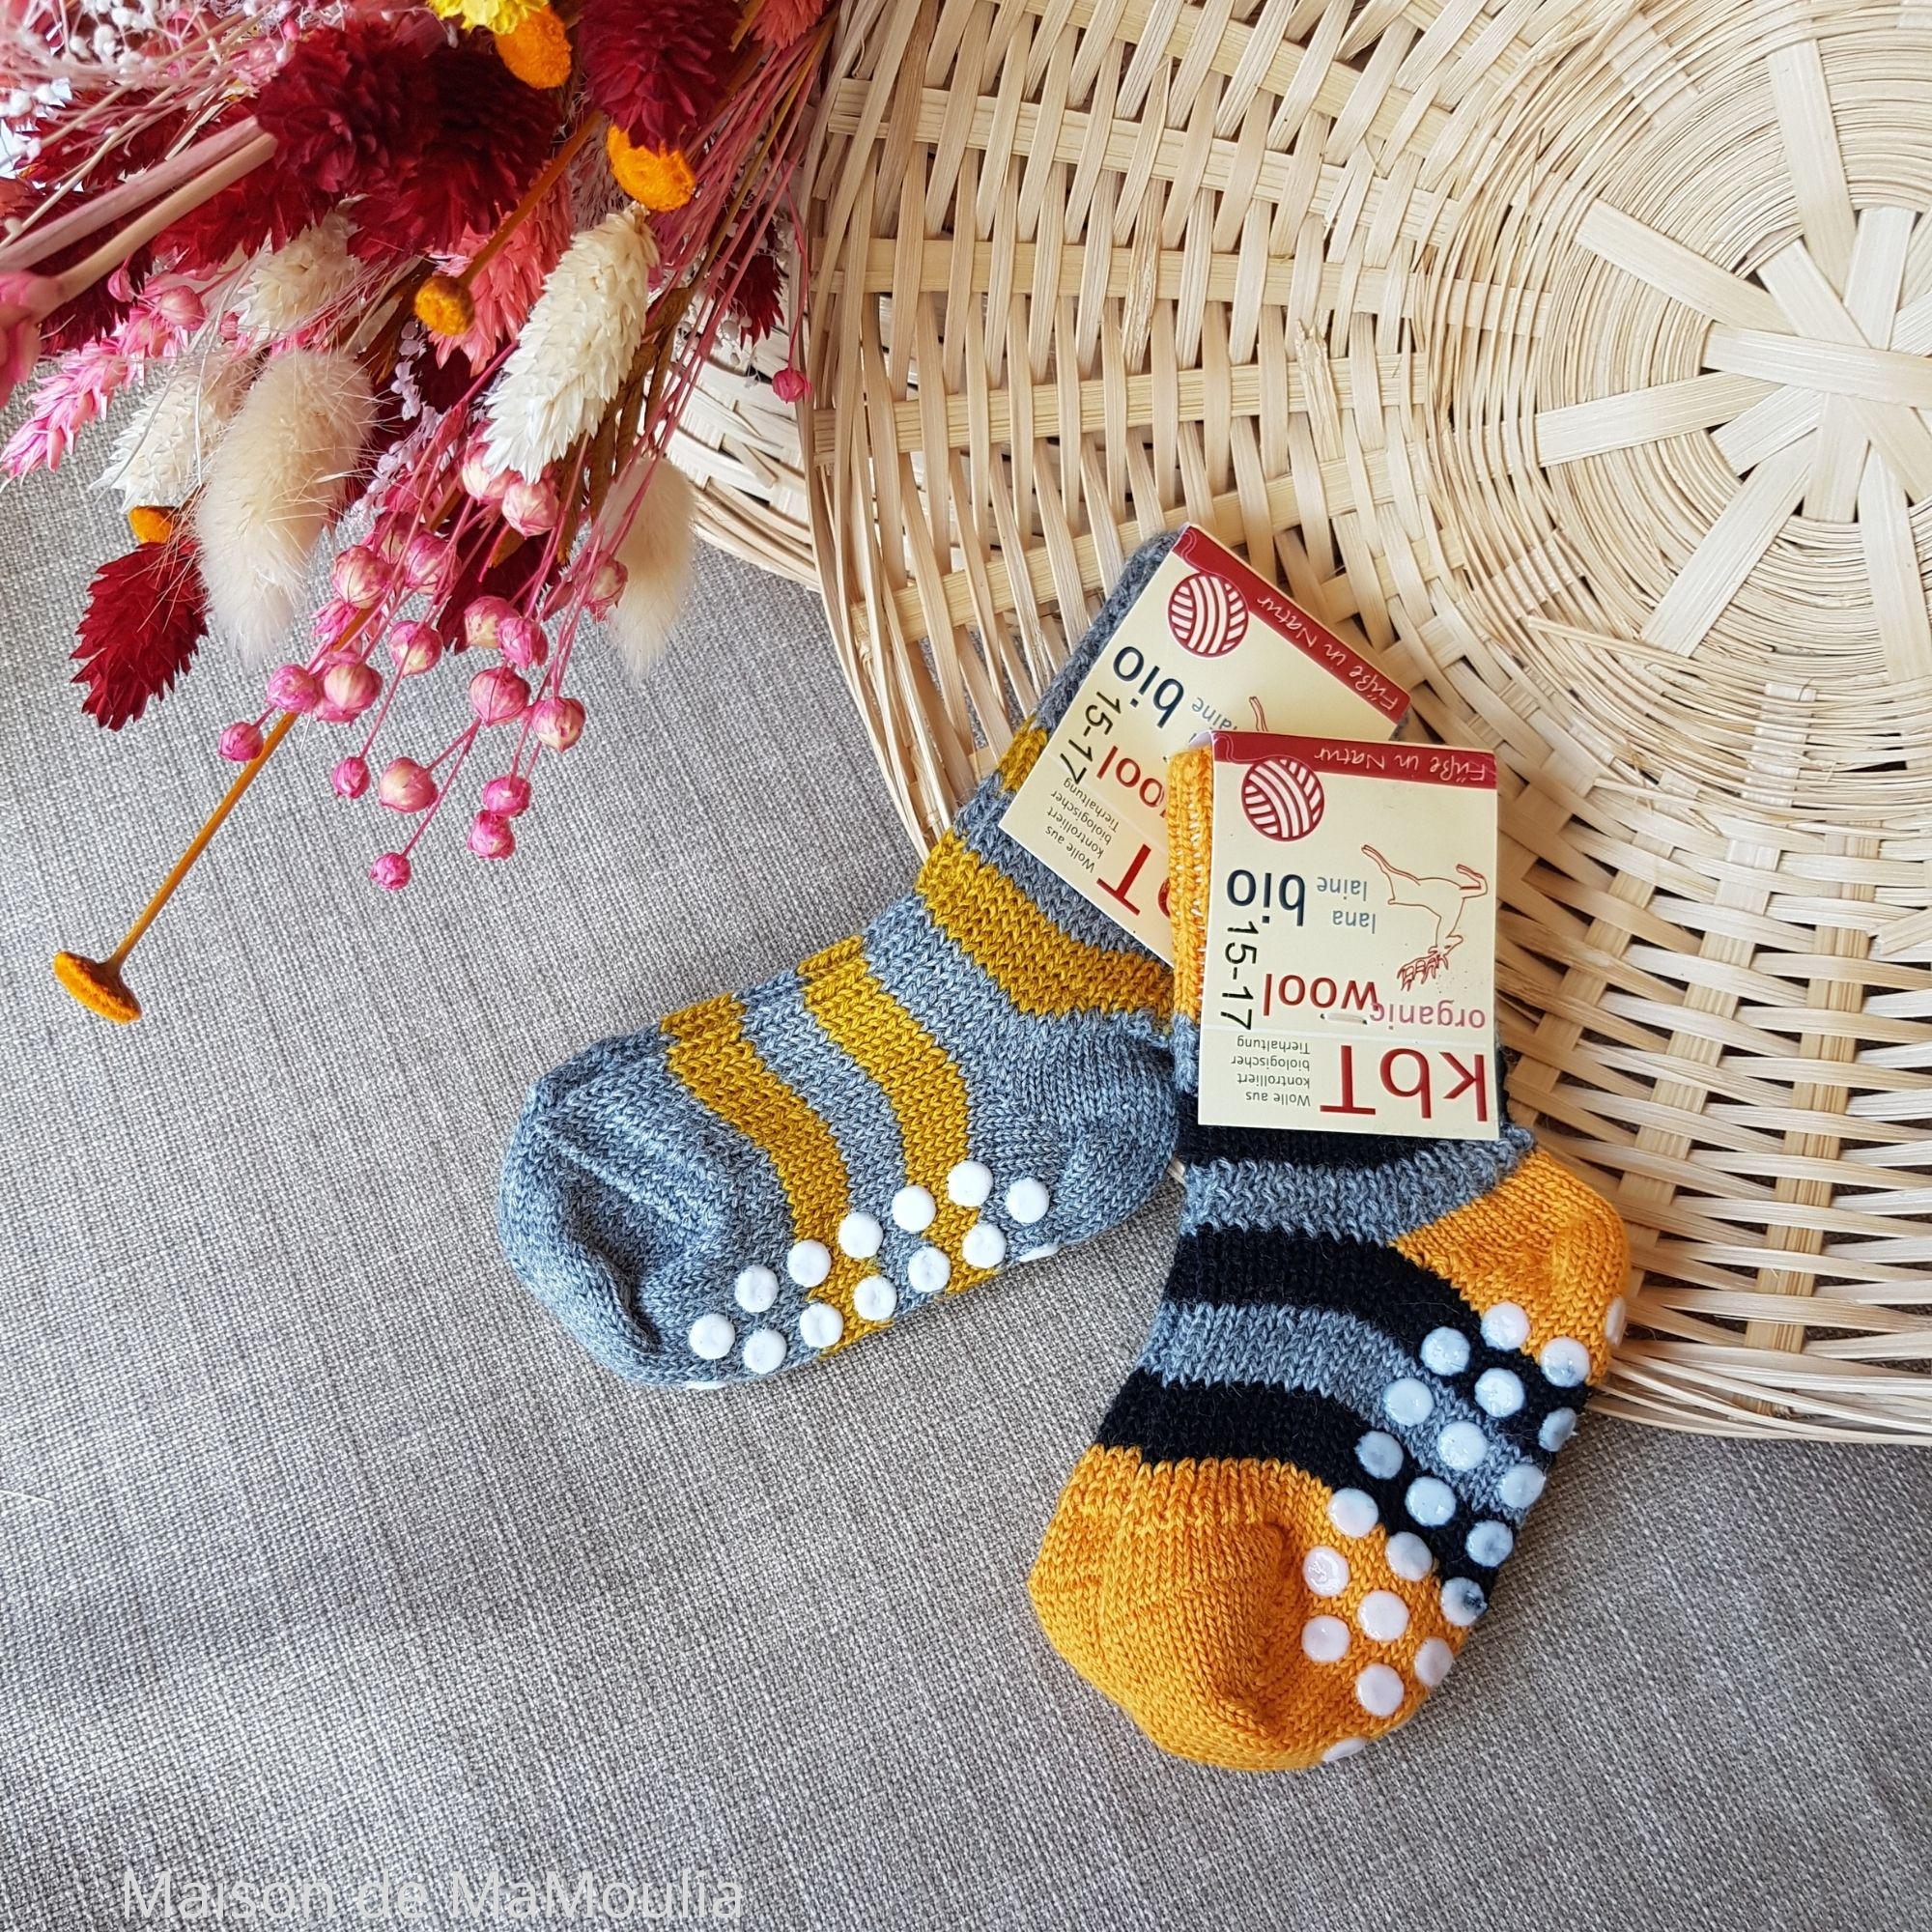 HIRSCH Natur - Chaussettes antidérapantes -Rayures- Laine -Enfant